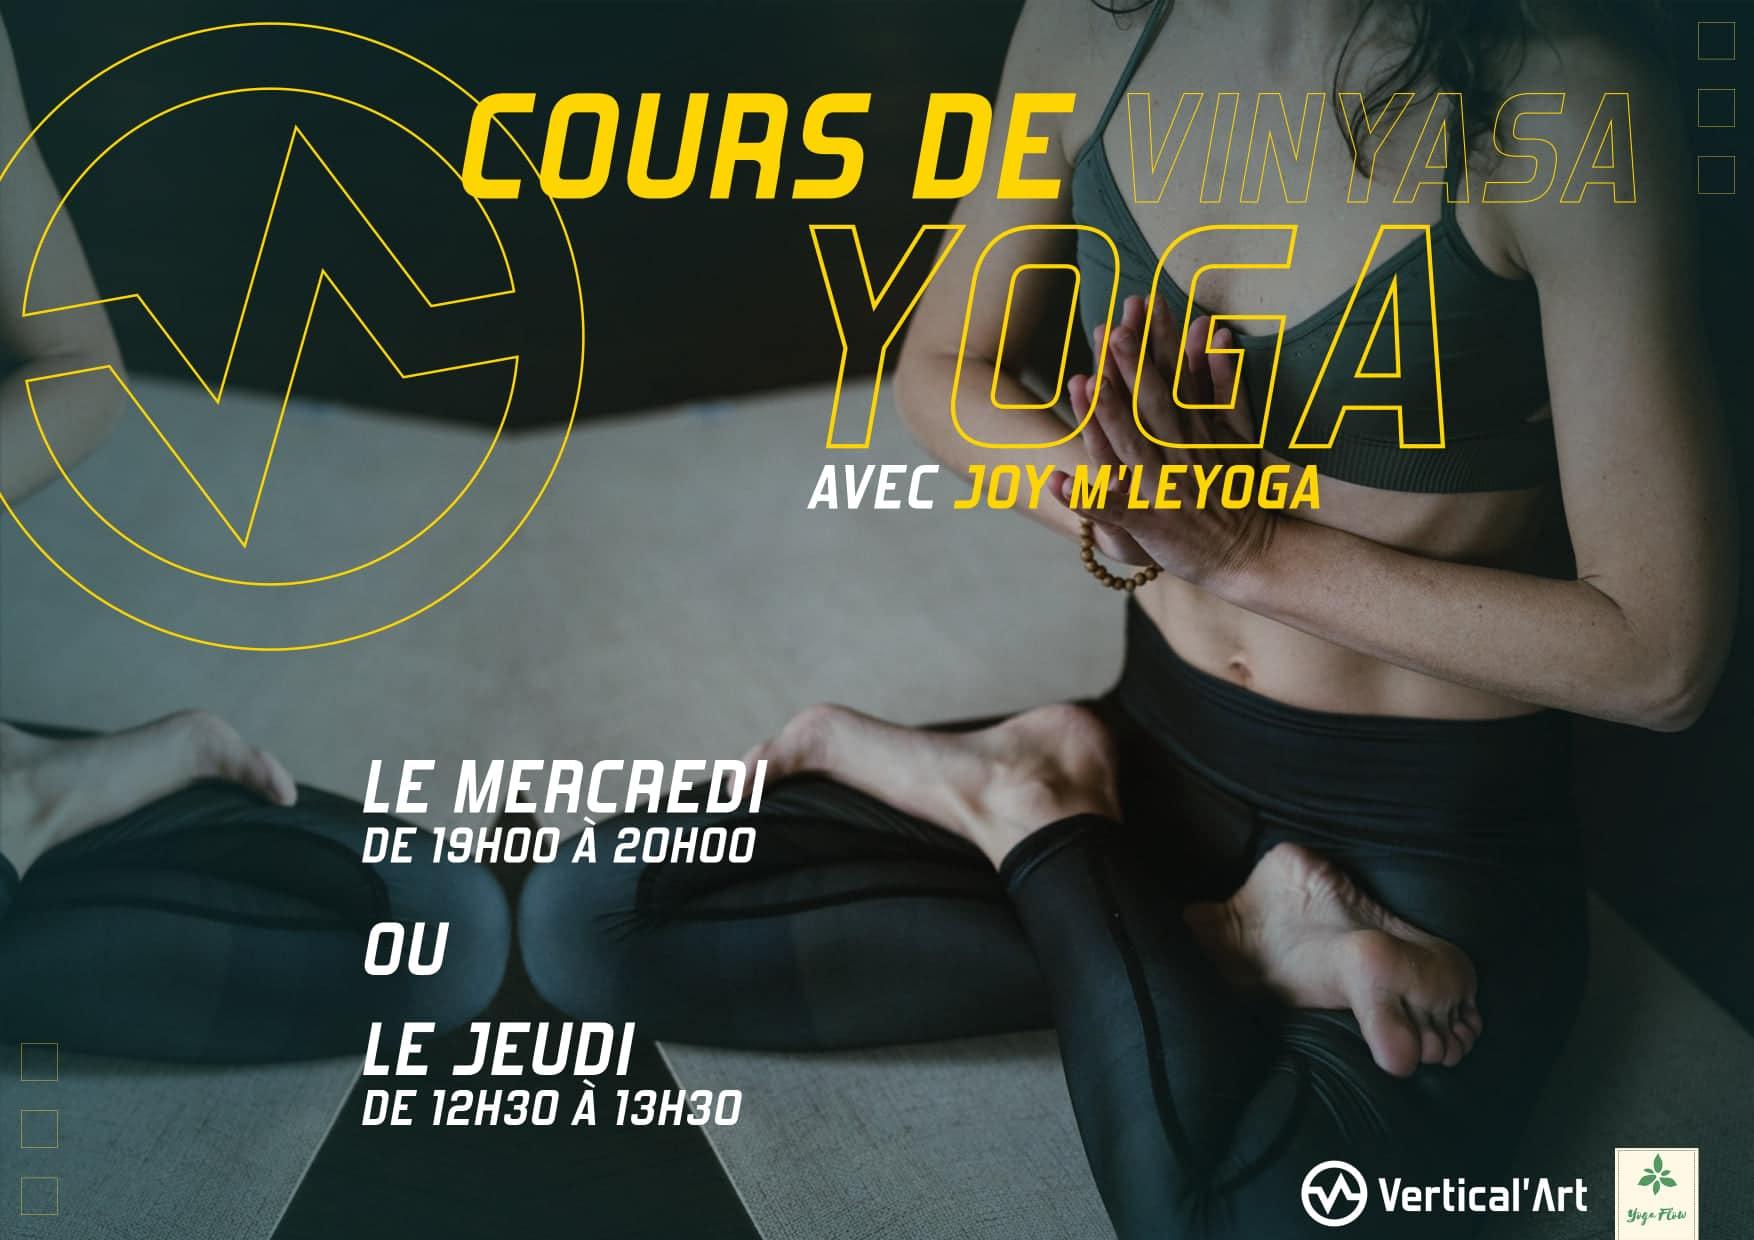 cours de yoga vinyasa avec Joy M'Leyoga, nouveaux créneaux dans votre salle Vertical'Art Toulon pour se détendre avant ou après une bonne session de grimpe